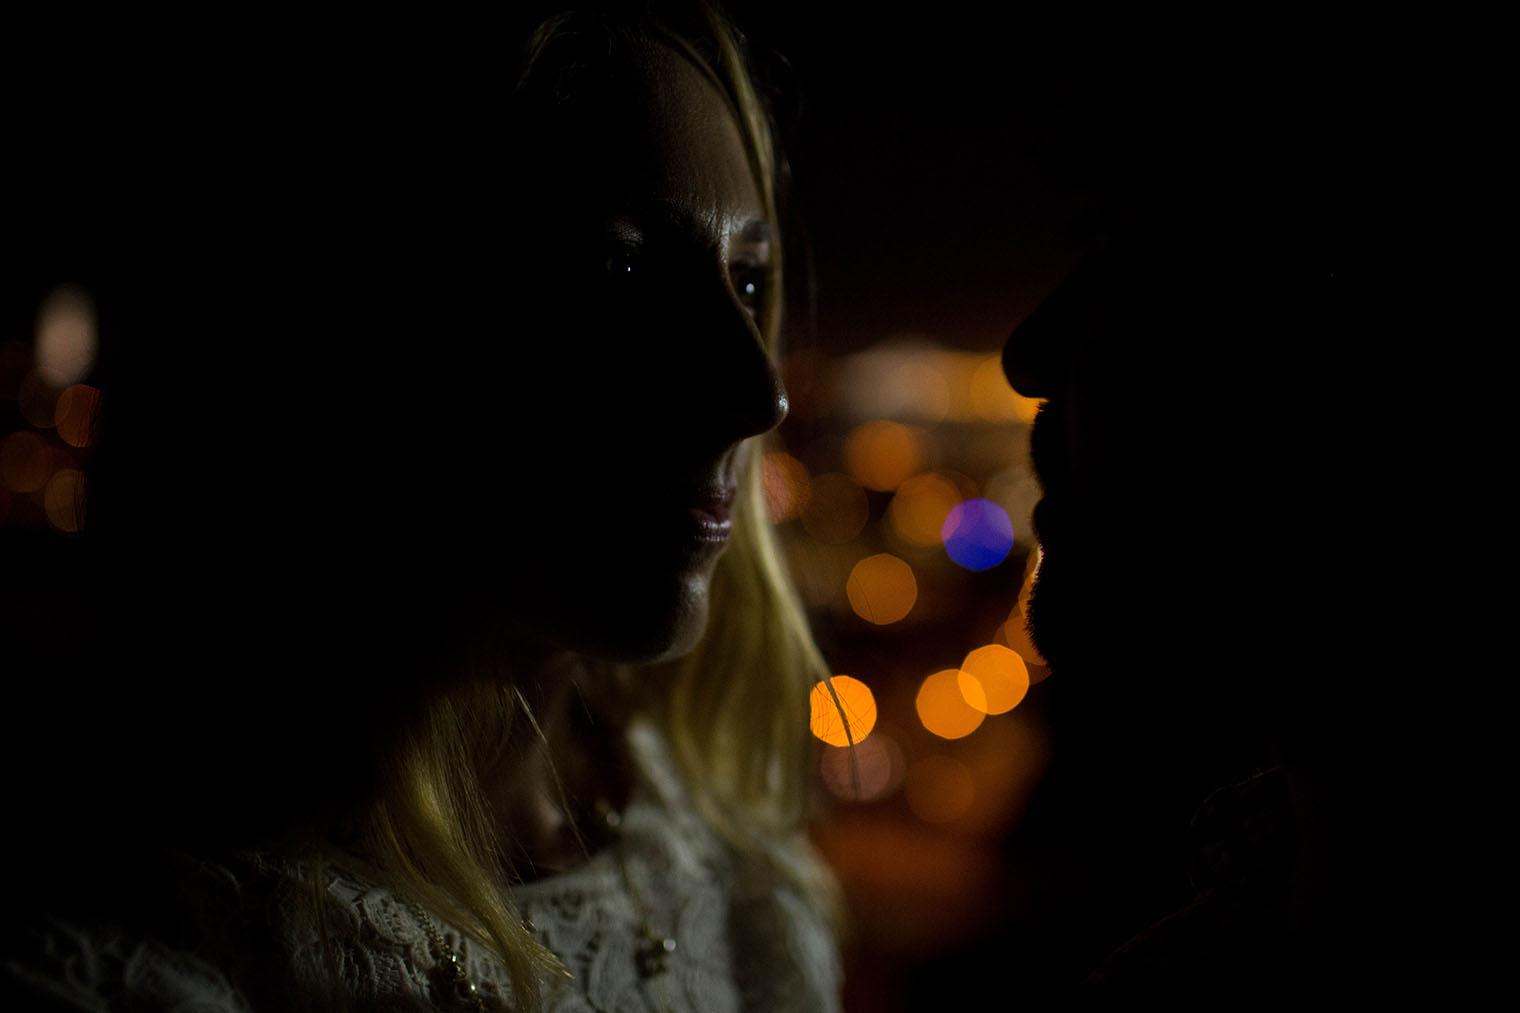 san francisco engagement photo at night